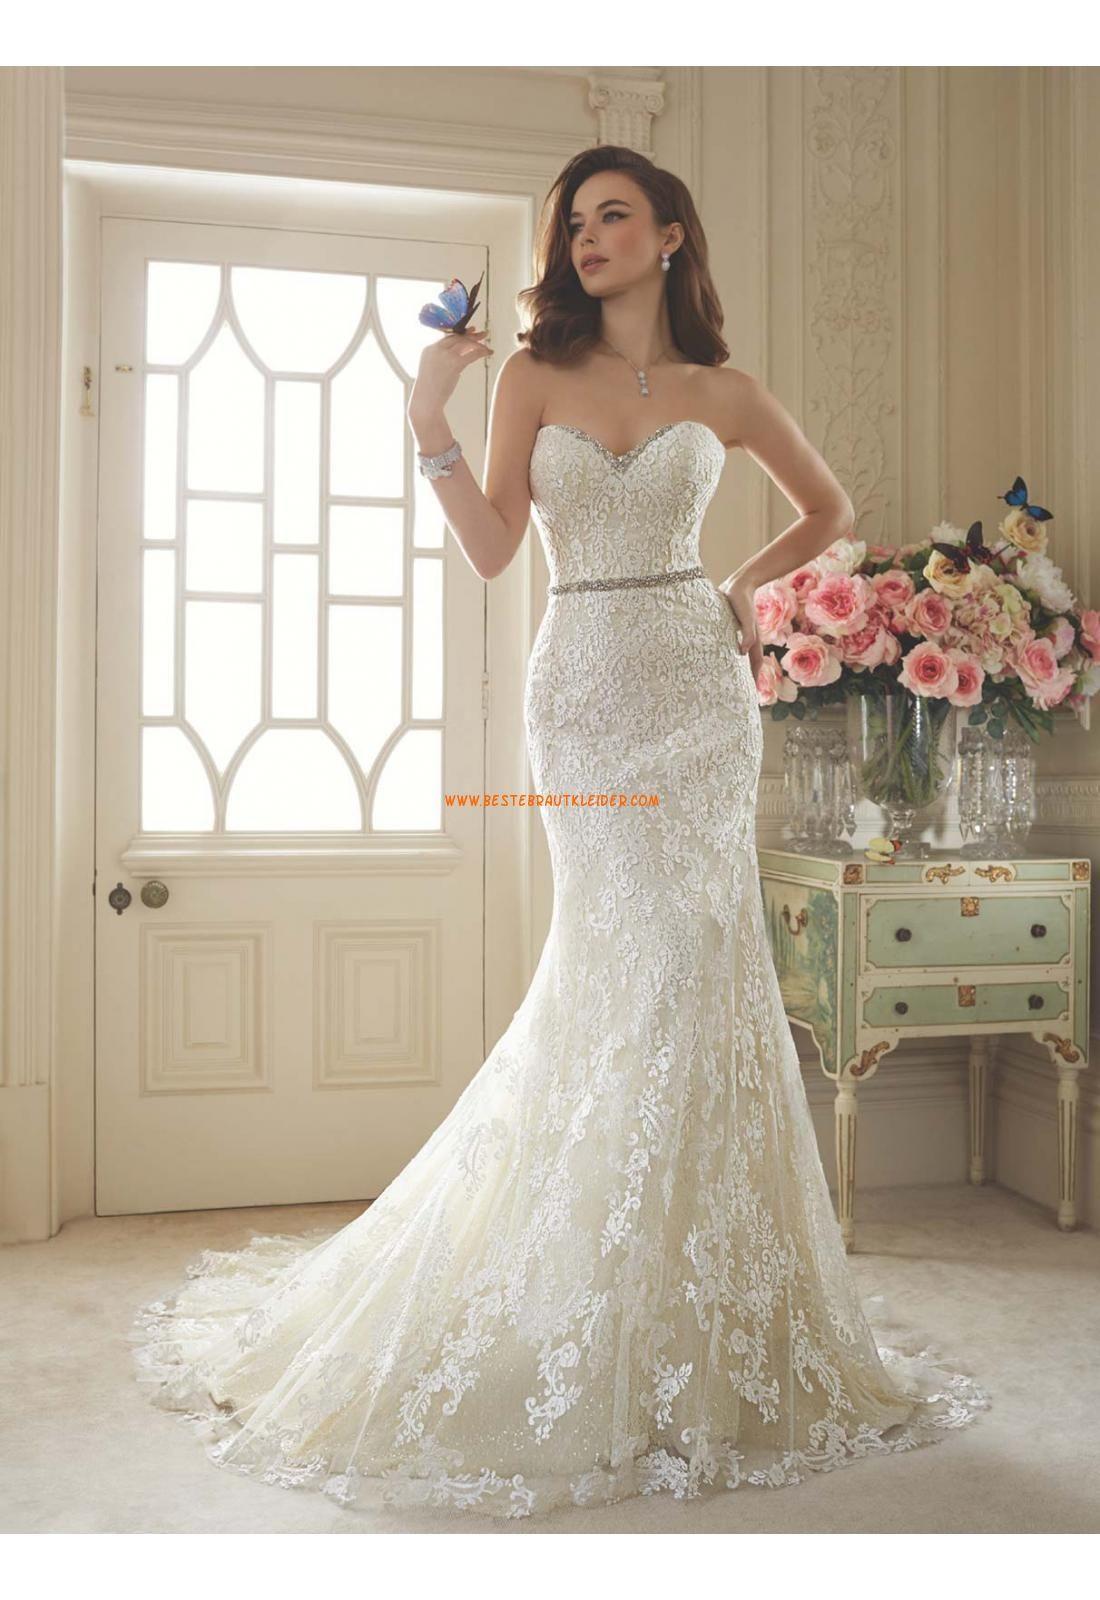 Herz-ausschnitt Meerjungfrau Wunderschöne Brautkleider aus Softnetz ...